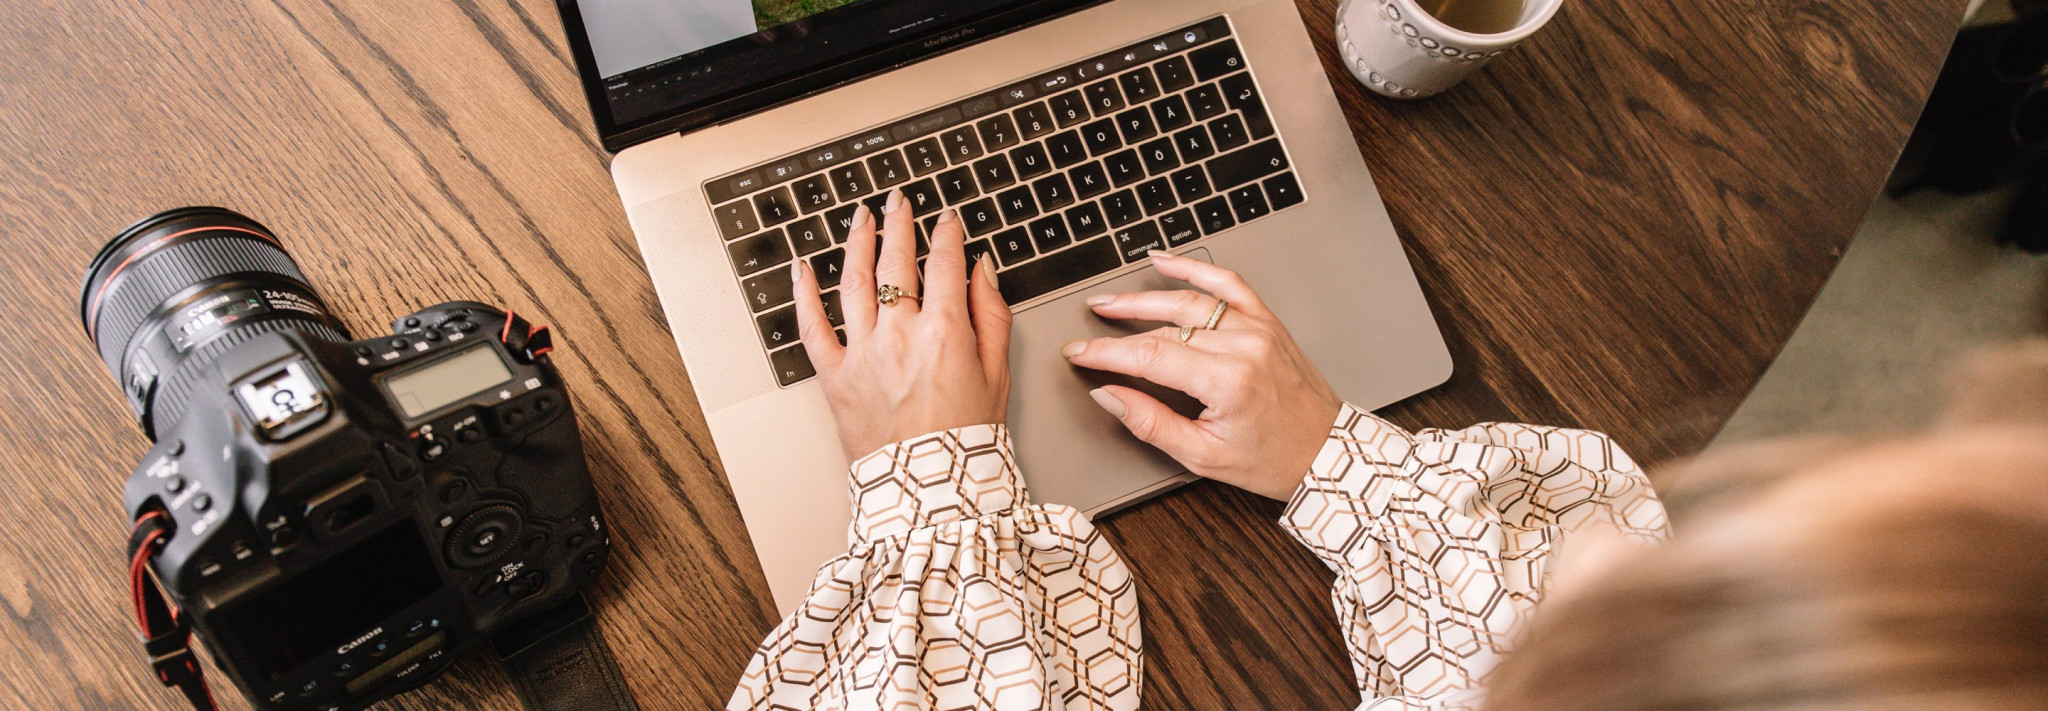 Händer som knappar på laptop